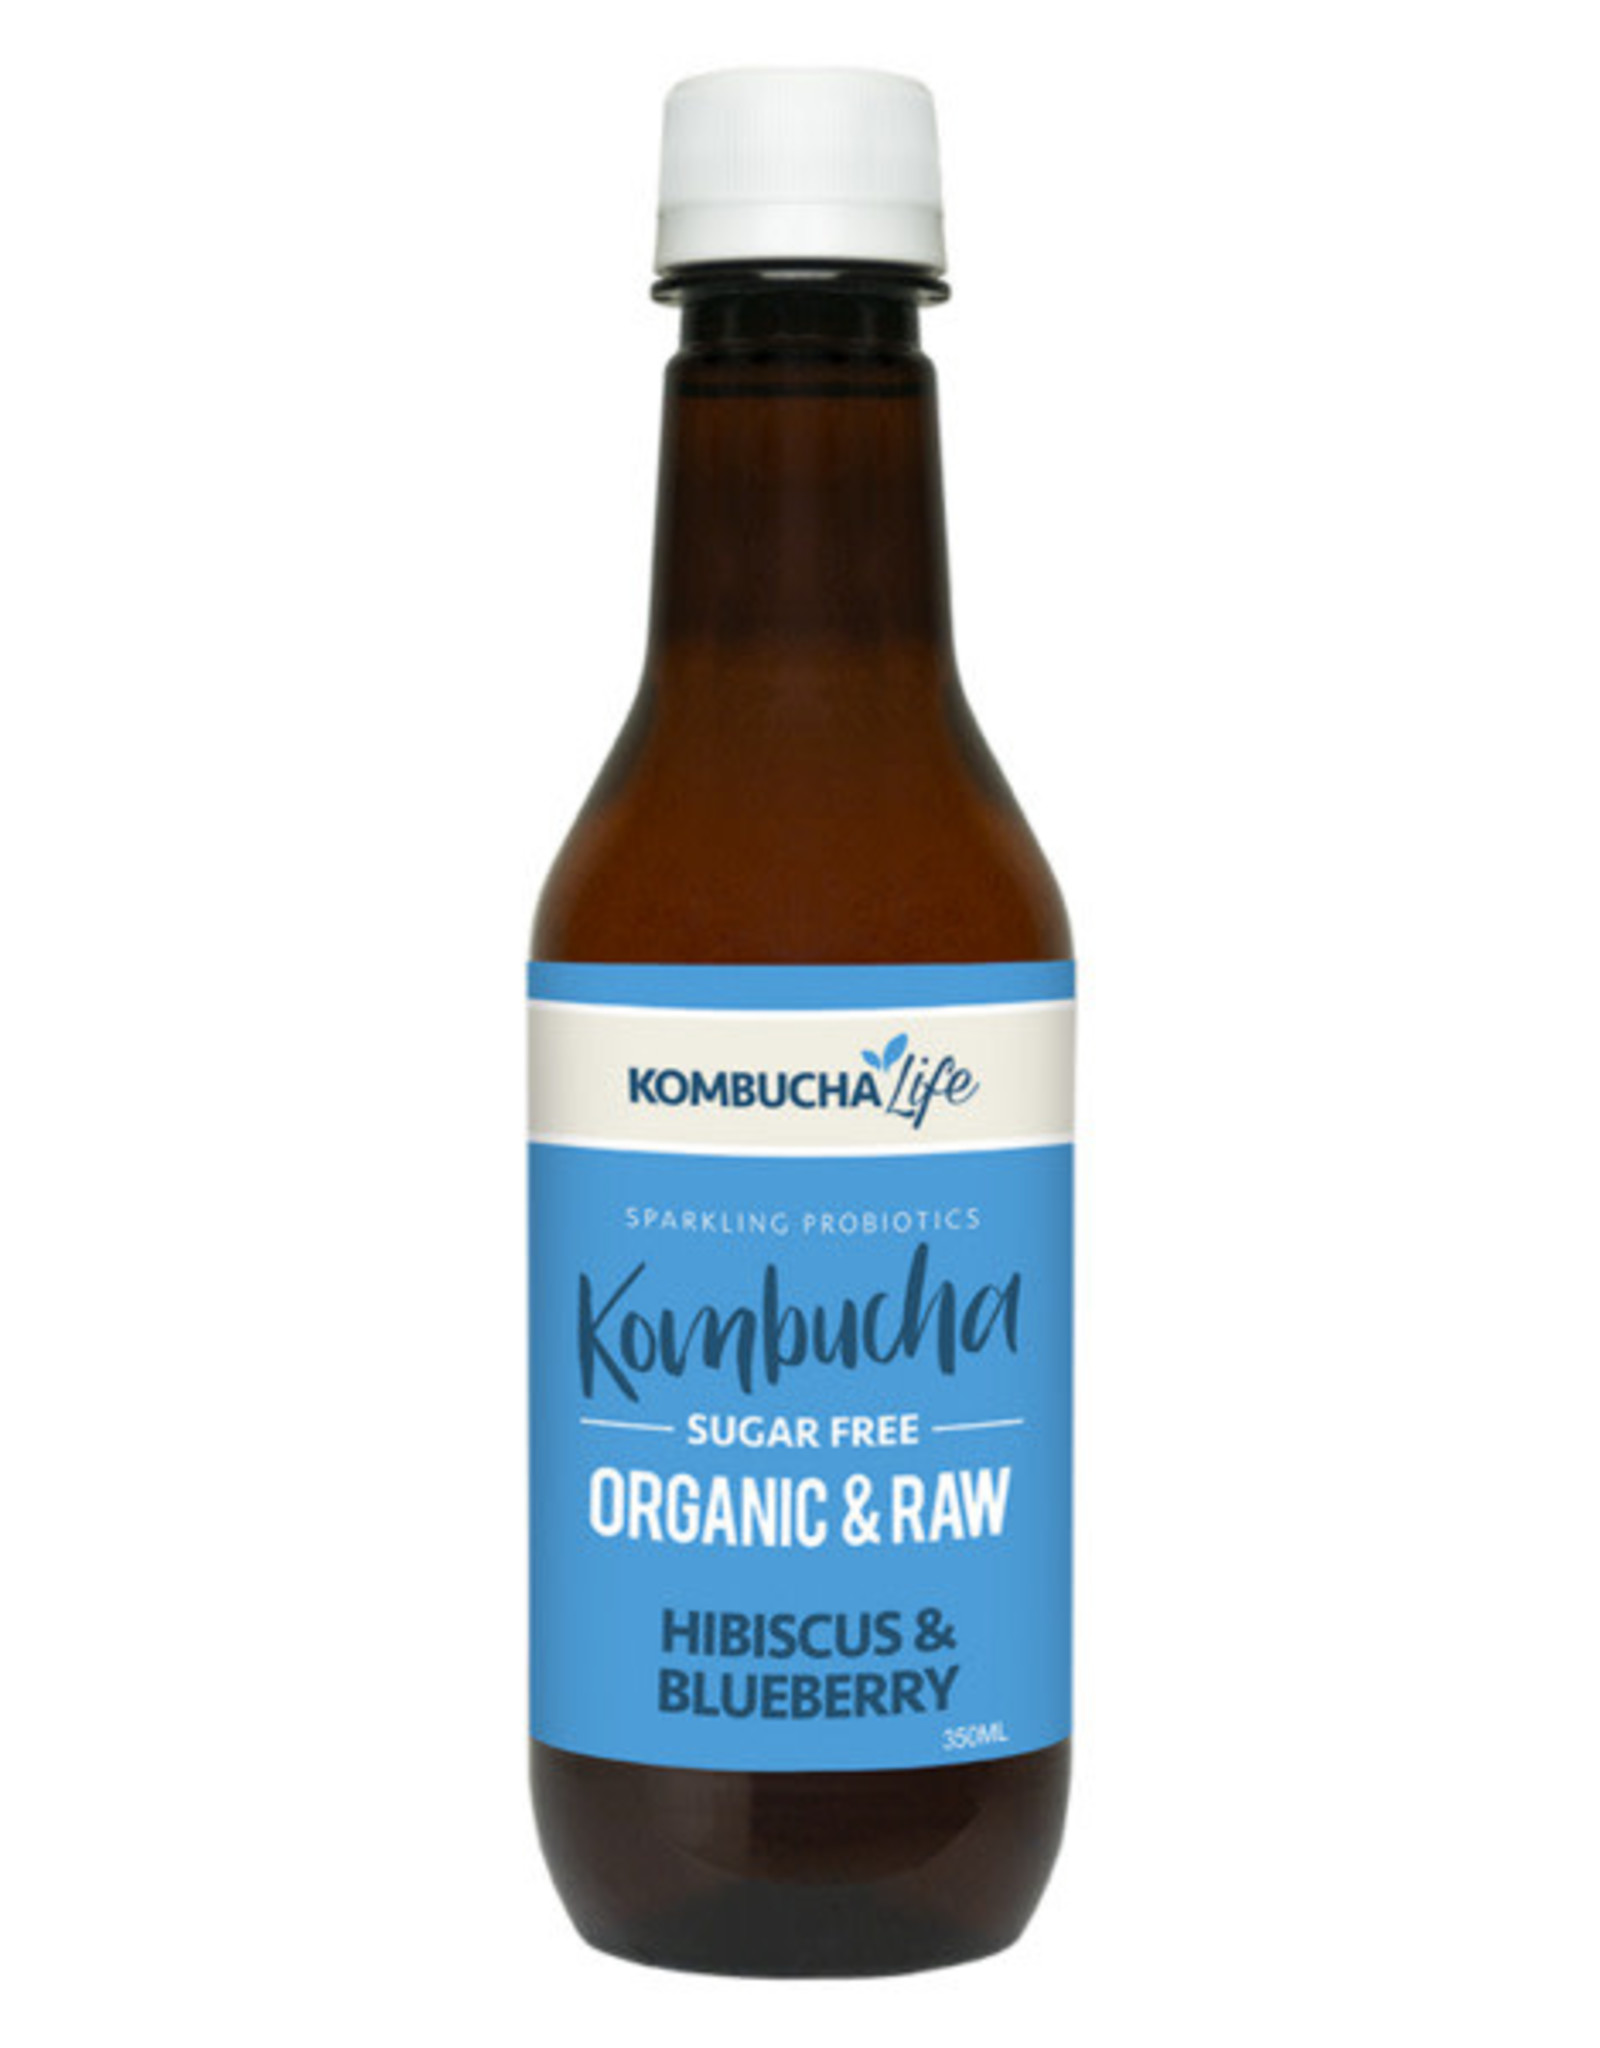 Kombucha Life Kombucha - Organic & Raw Blueberry Hibiscus 350ml